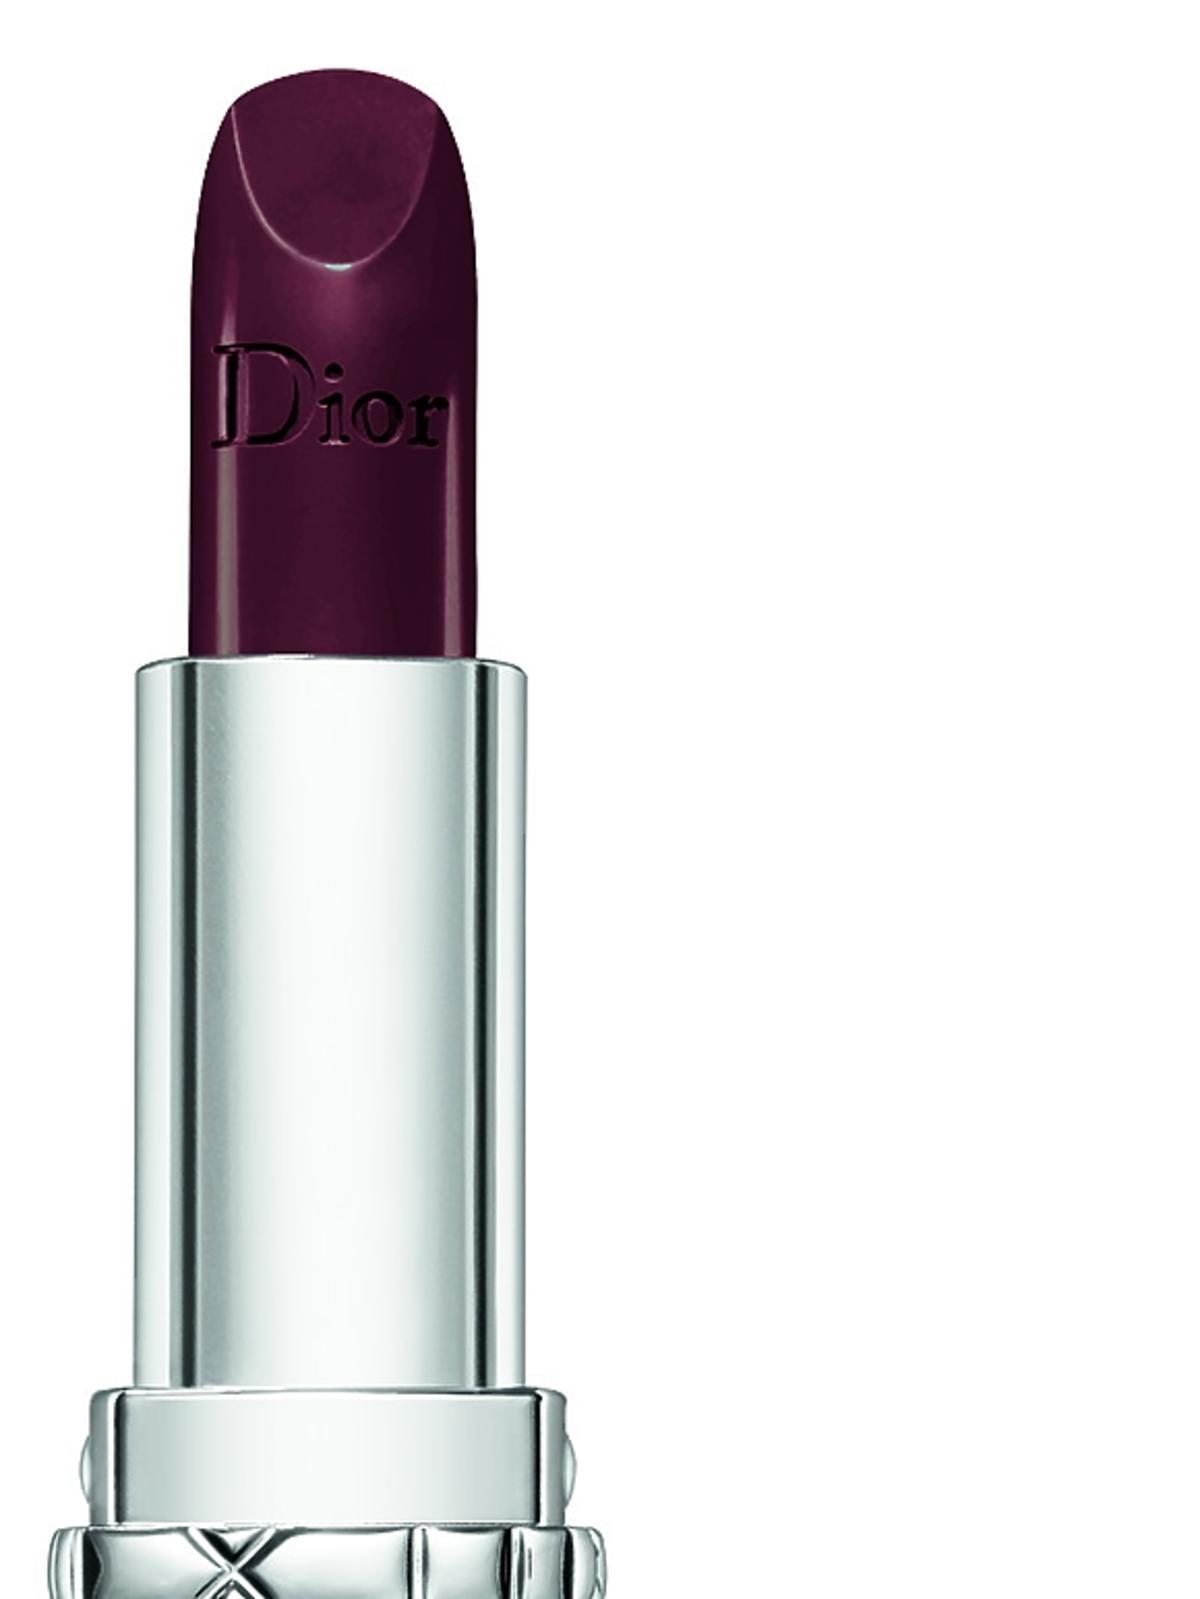 Pomadka Rouge Dior 956 Unique, 159 zł